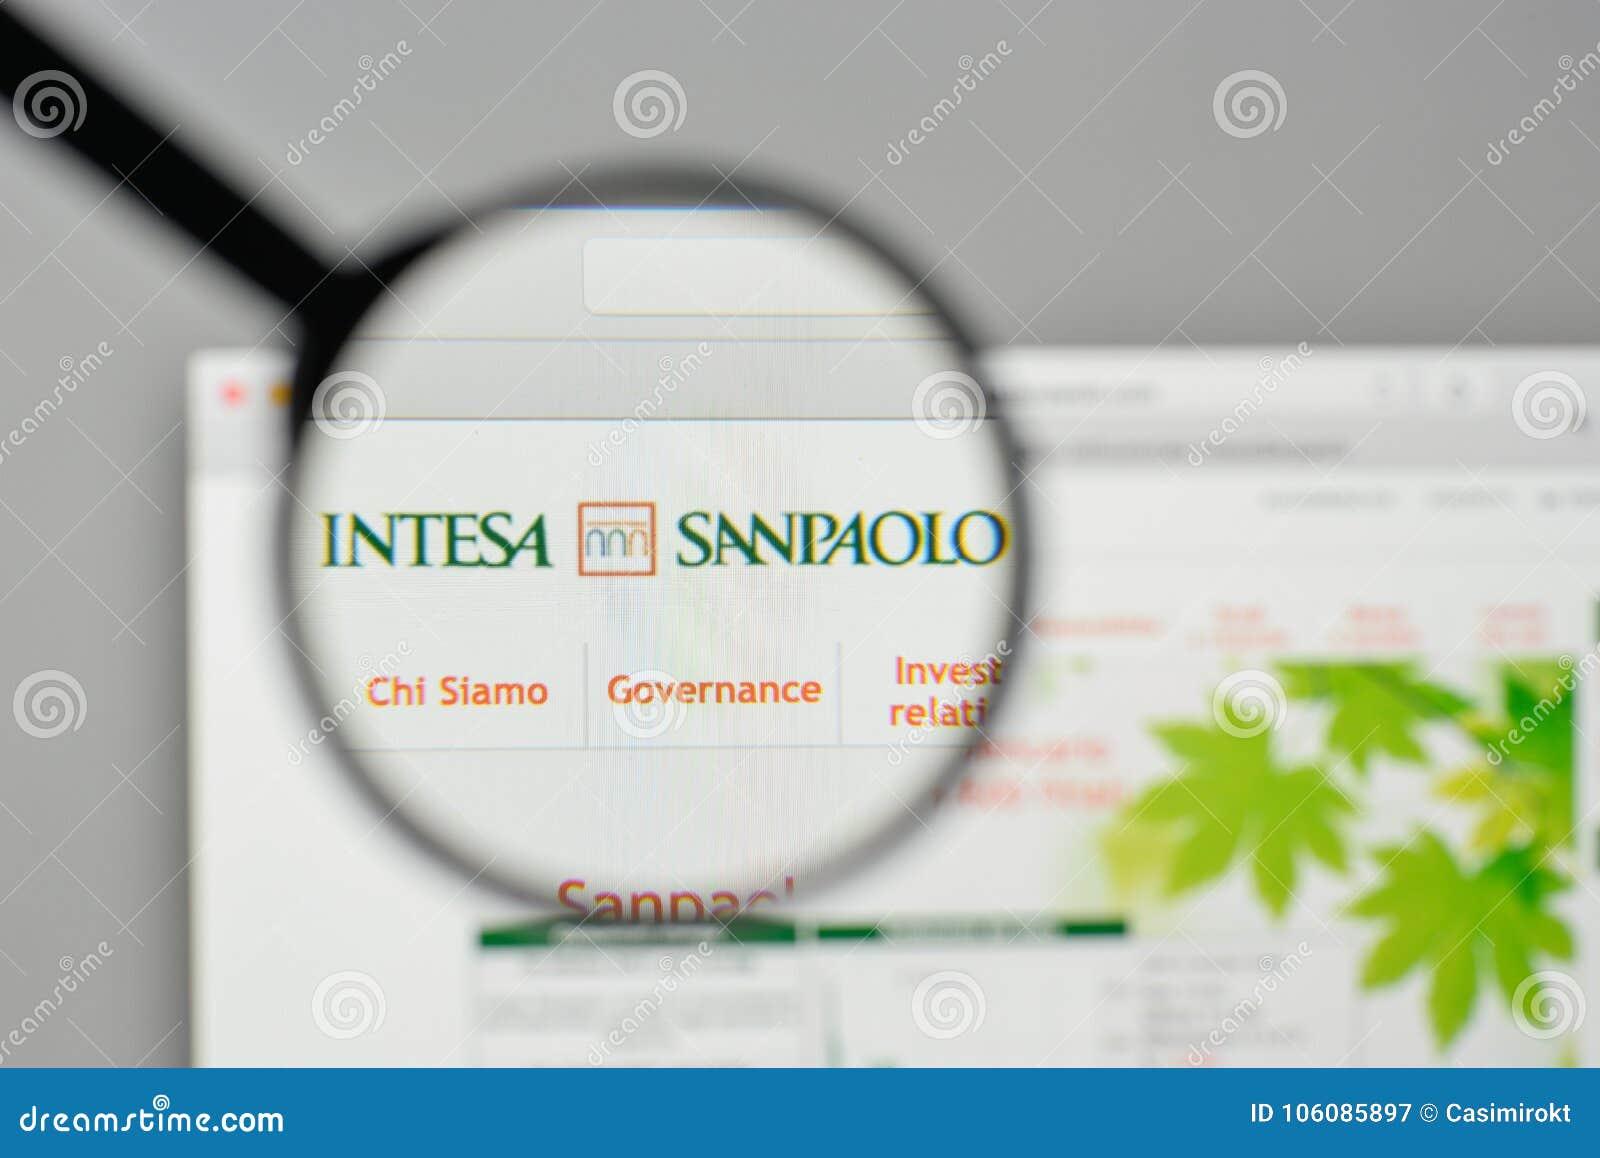 Milan, Italy - November 1, 2017: Intesa Sanpaolo Group Logo